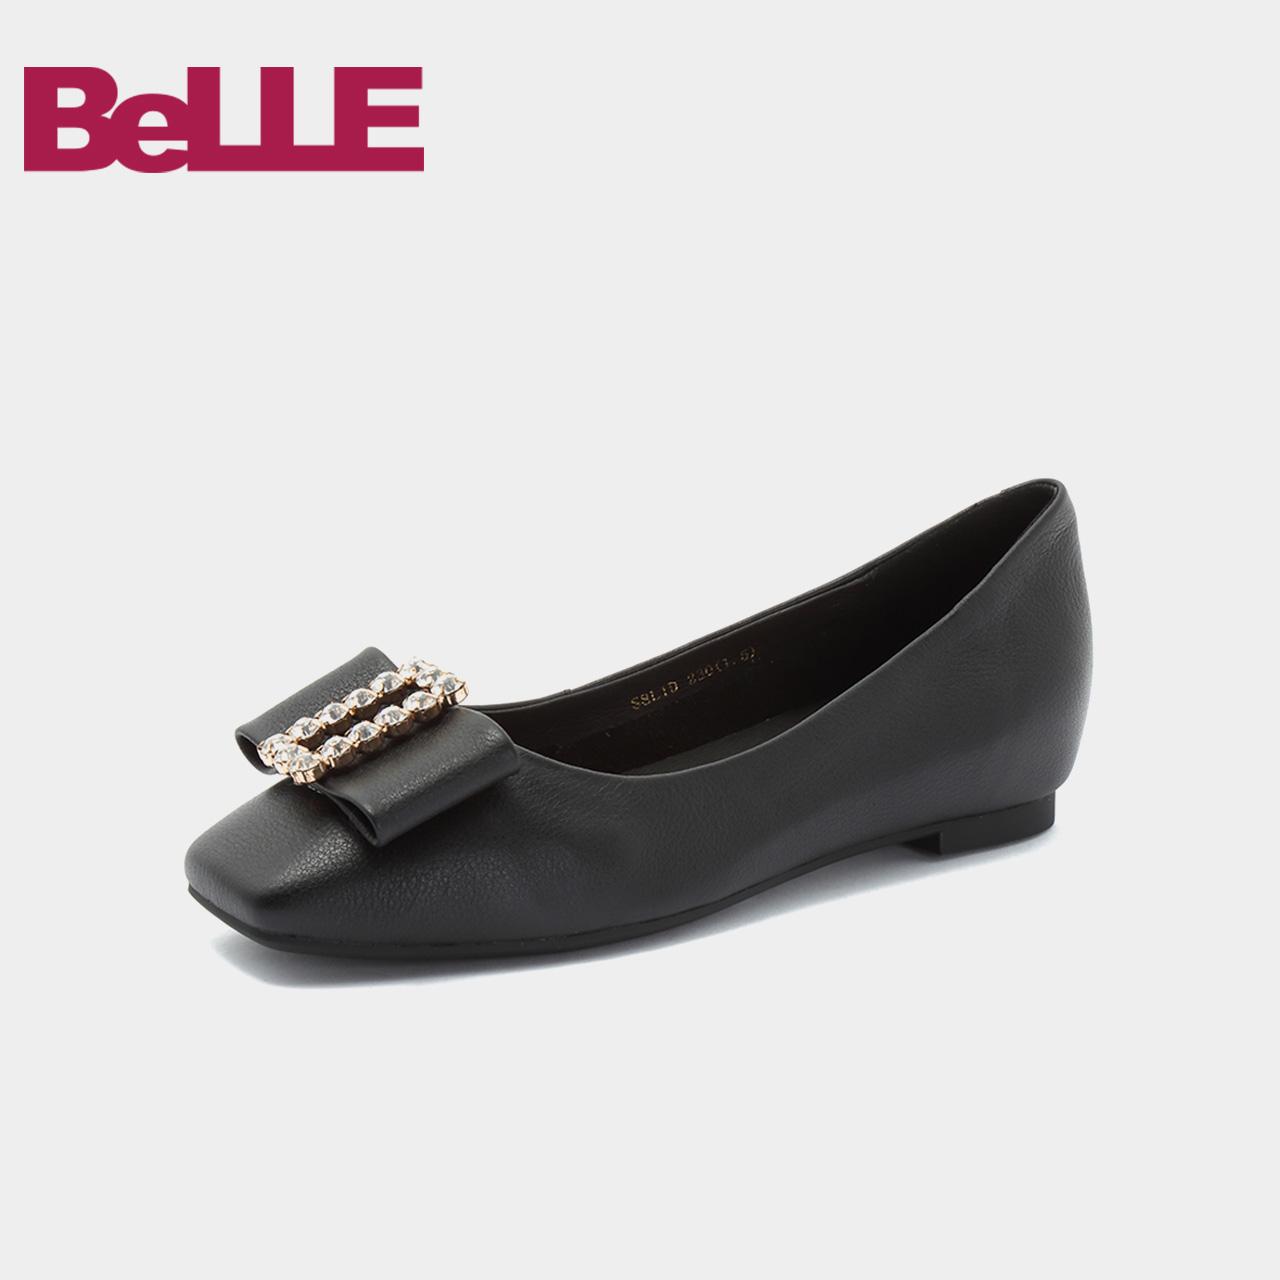 百丽女鞋2018秋新款商场同款牛皮中跟浅口休闲鞋女单鞋S8L1DCQ8